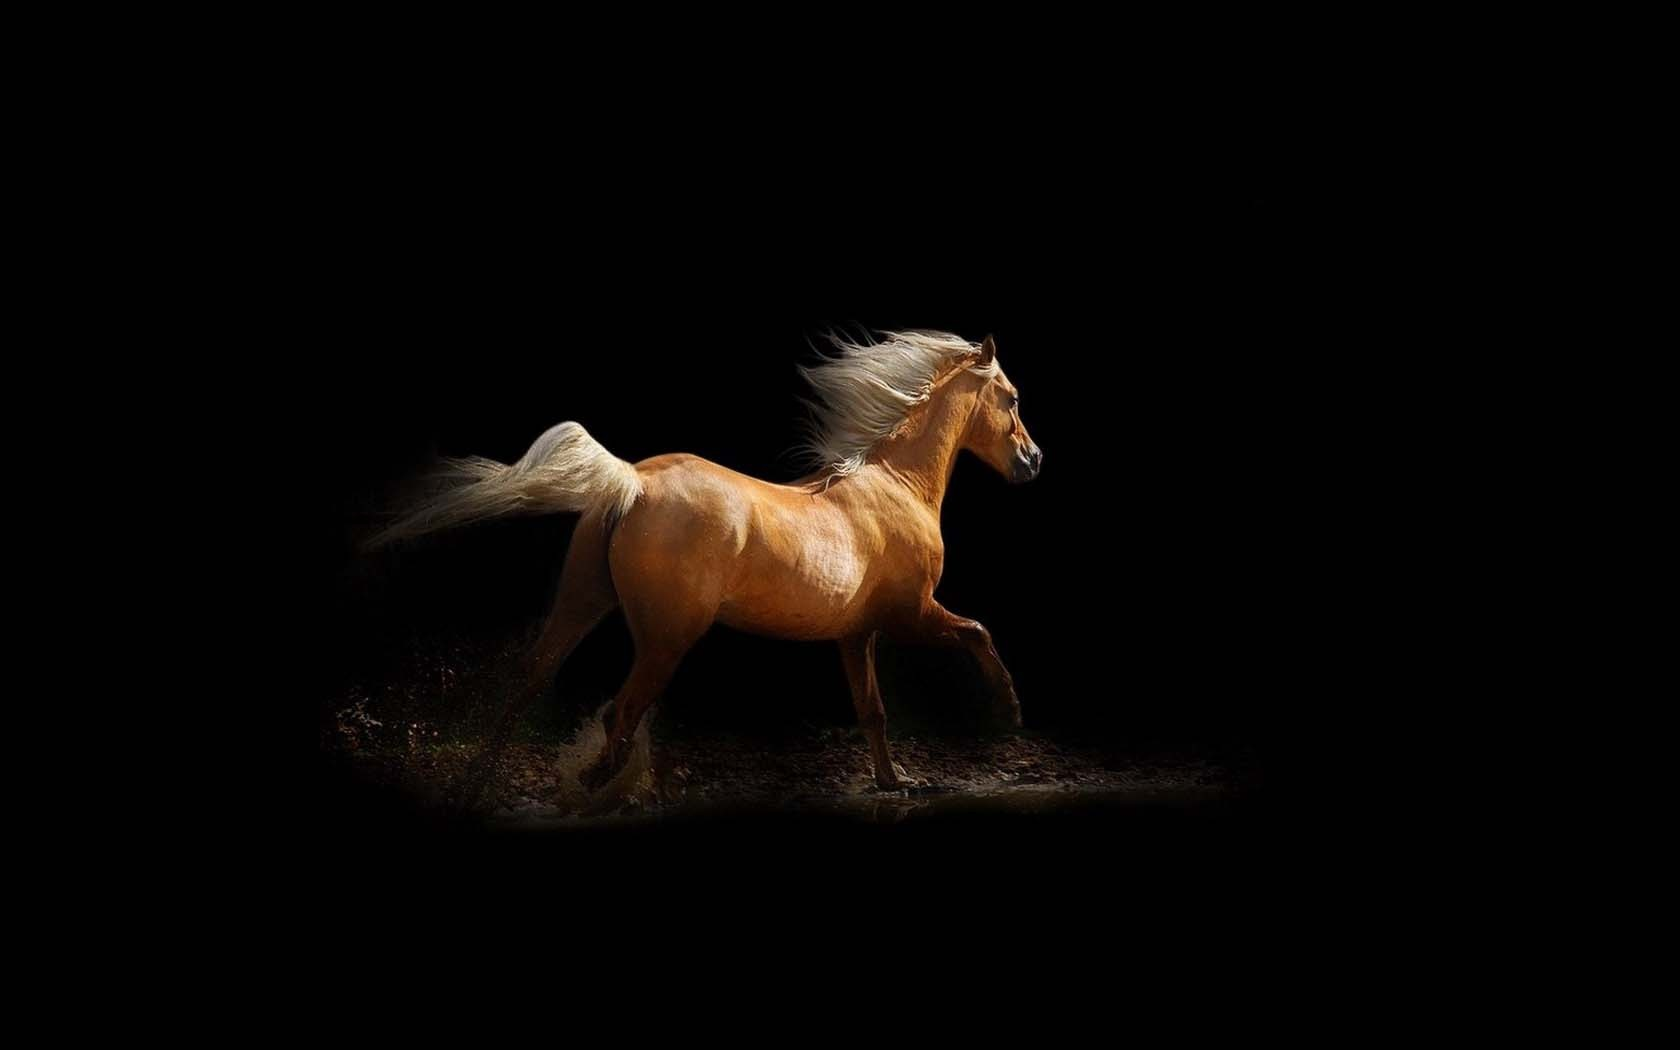 Обои на рабочий стол темная лошадь